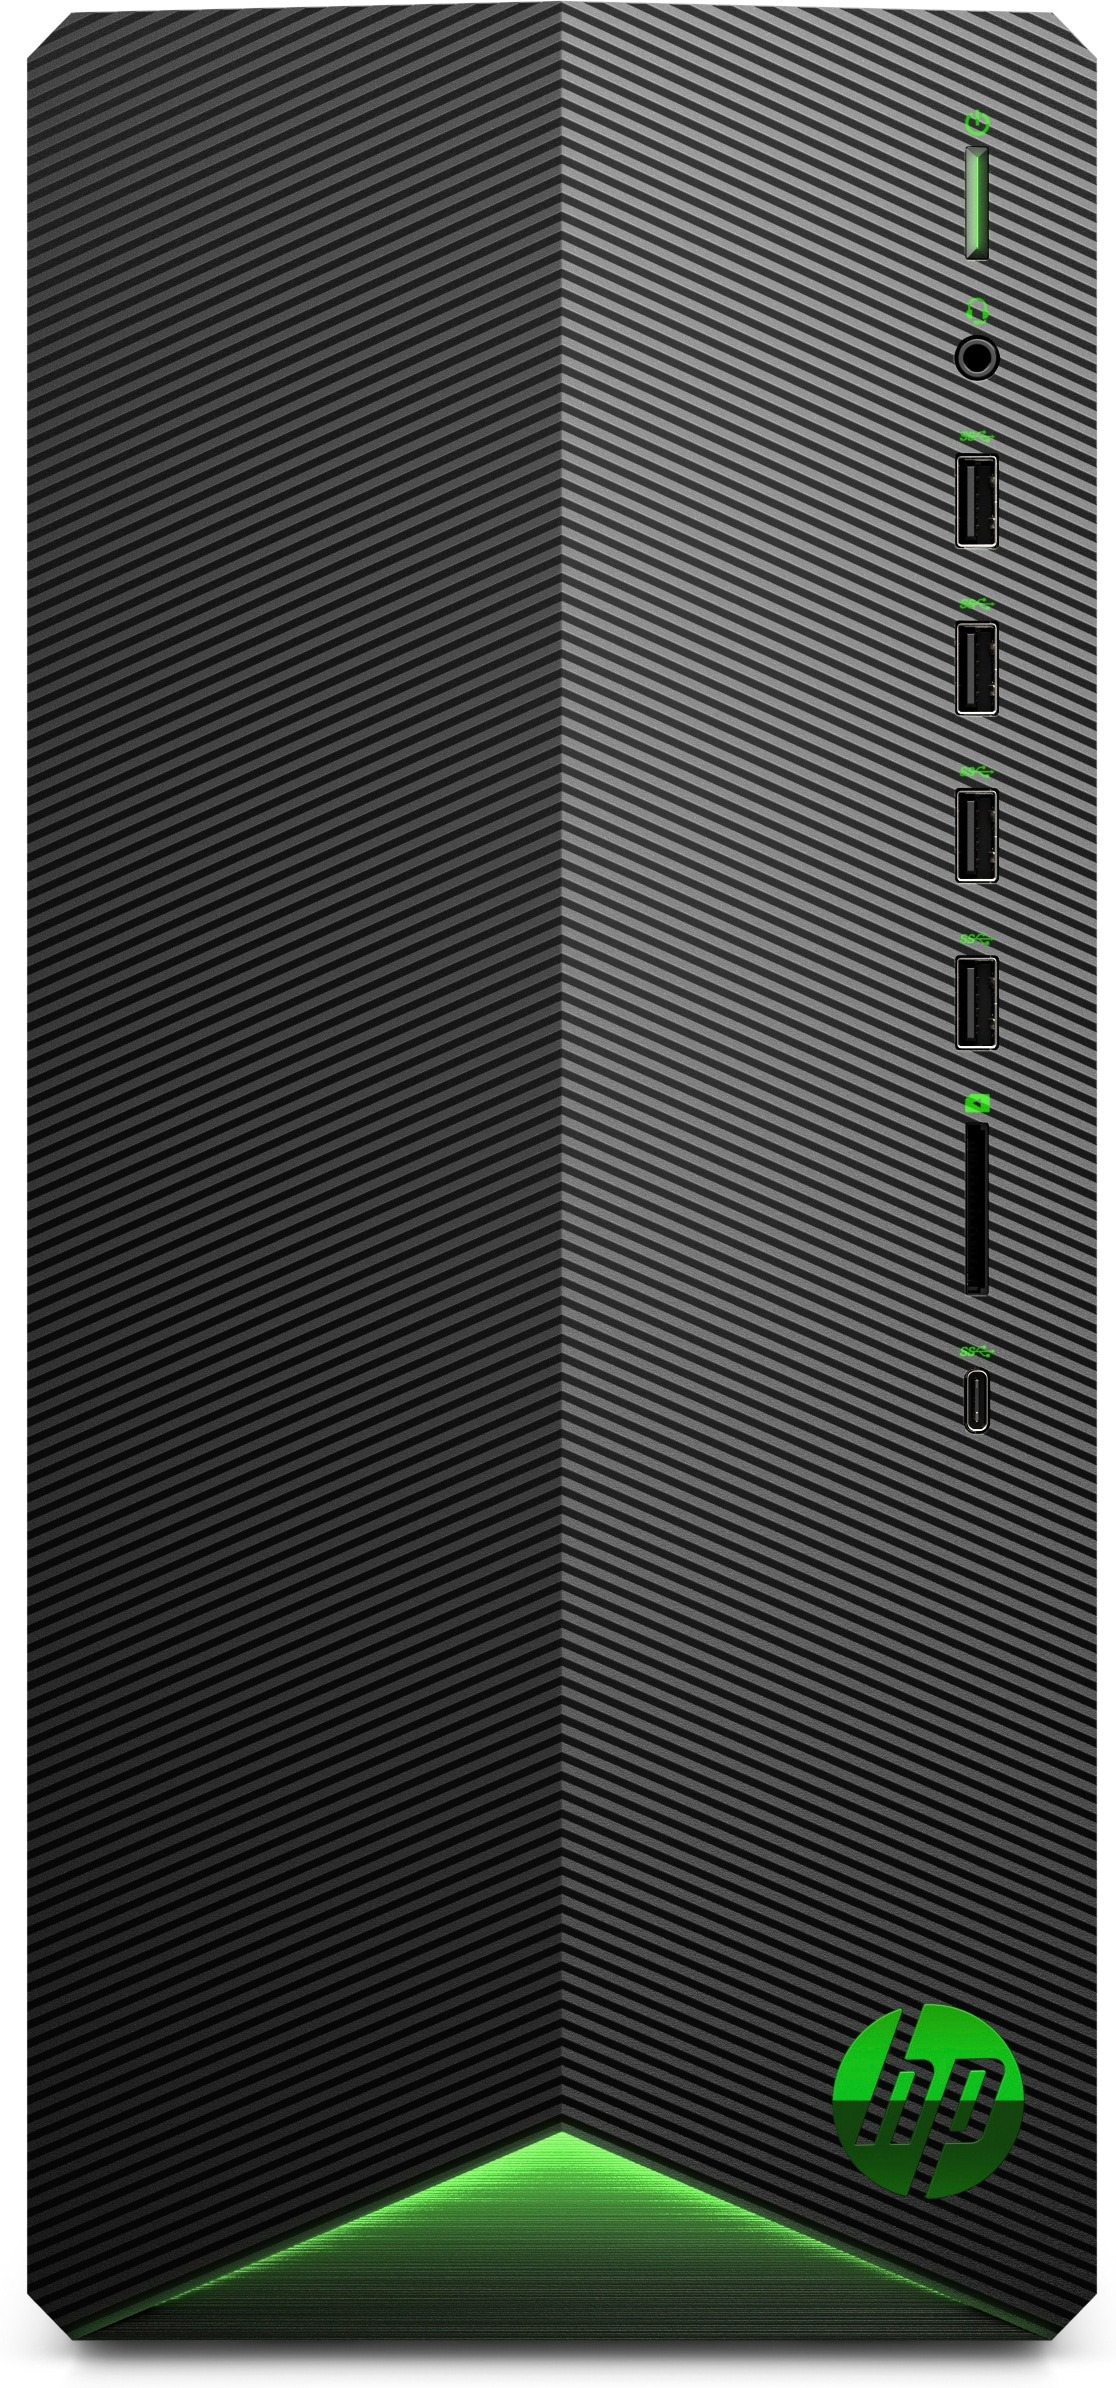 Korting HP Pavilion Gaming TG01 0000nd desktop